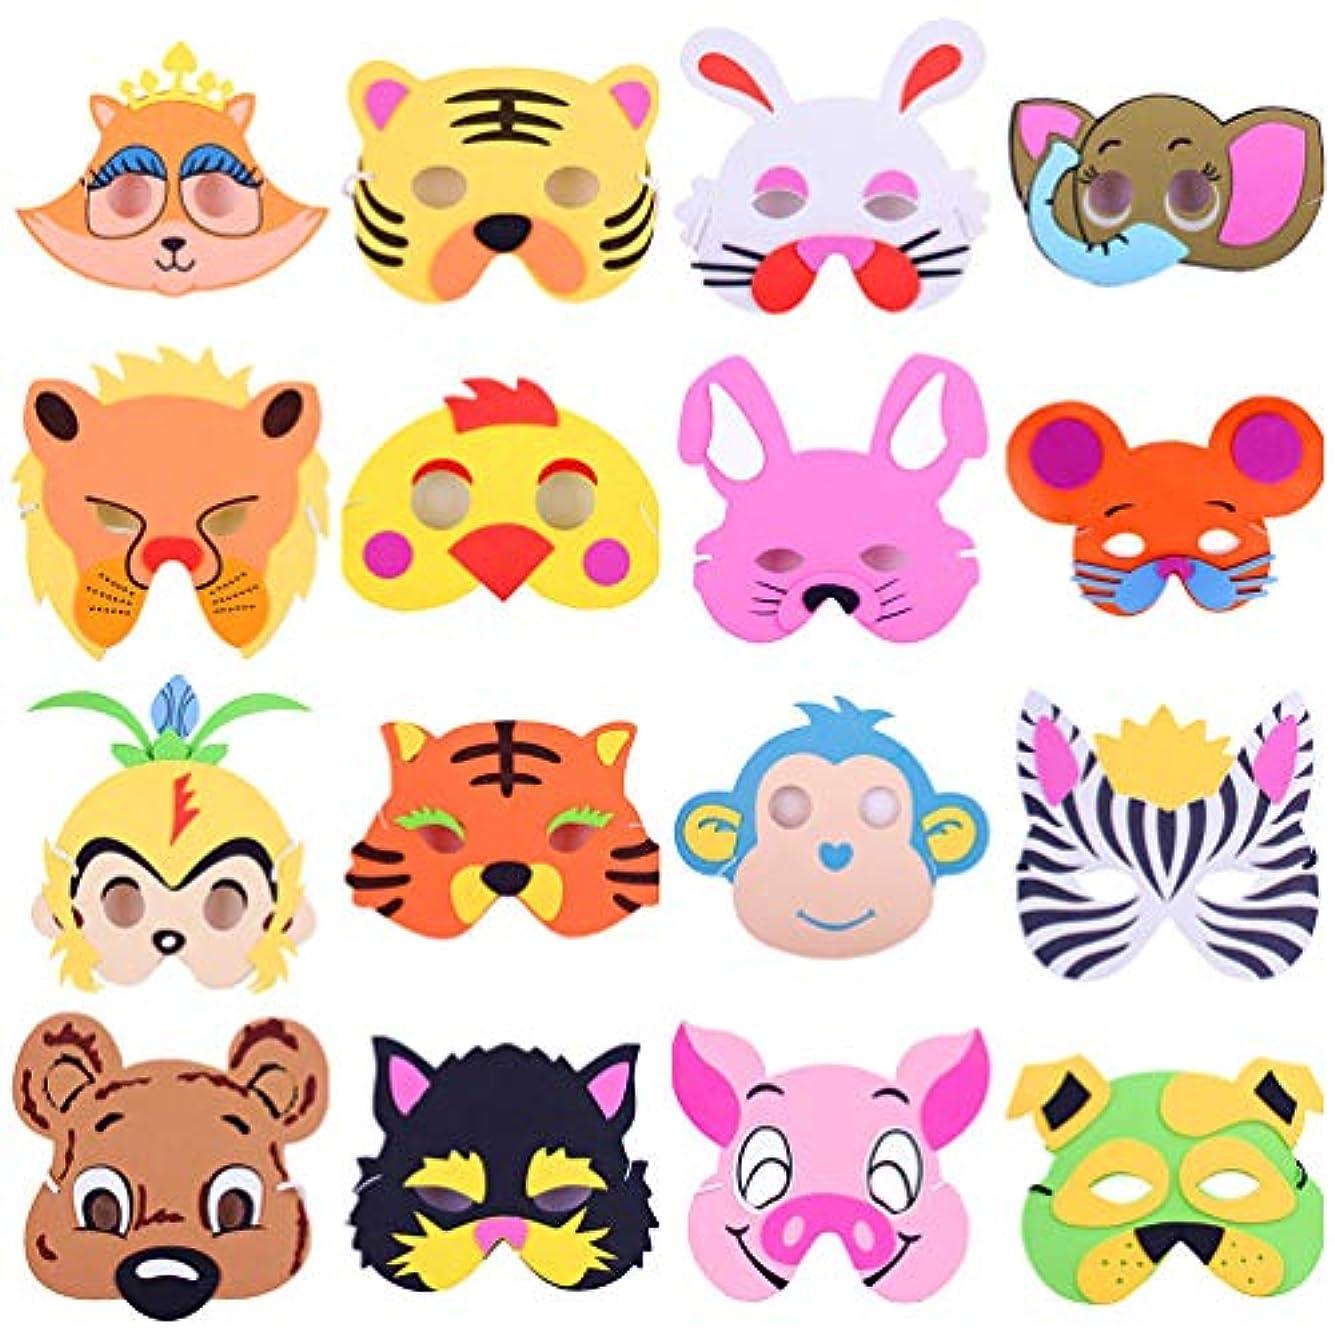 鼻お嬢香ばしいNUOBESTY フェイスマスクかわいい装飾evaクリエイティブ漫画面白いマスク動物マスクセットプロップマスク用キッズ大人16ピース